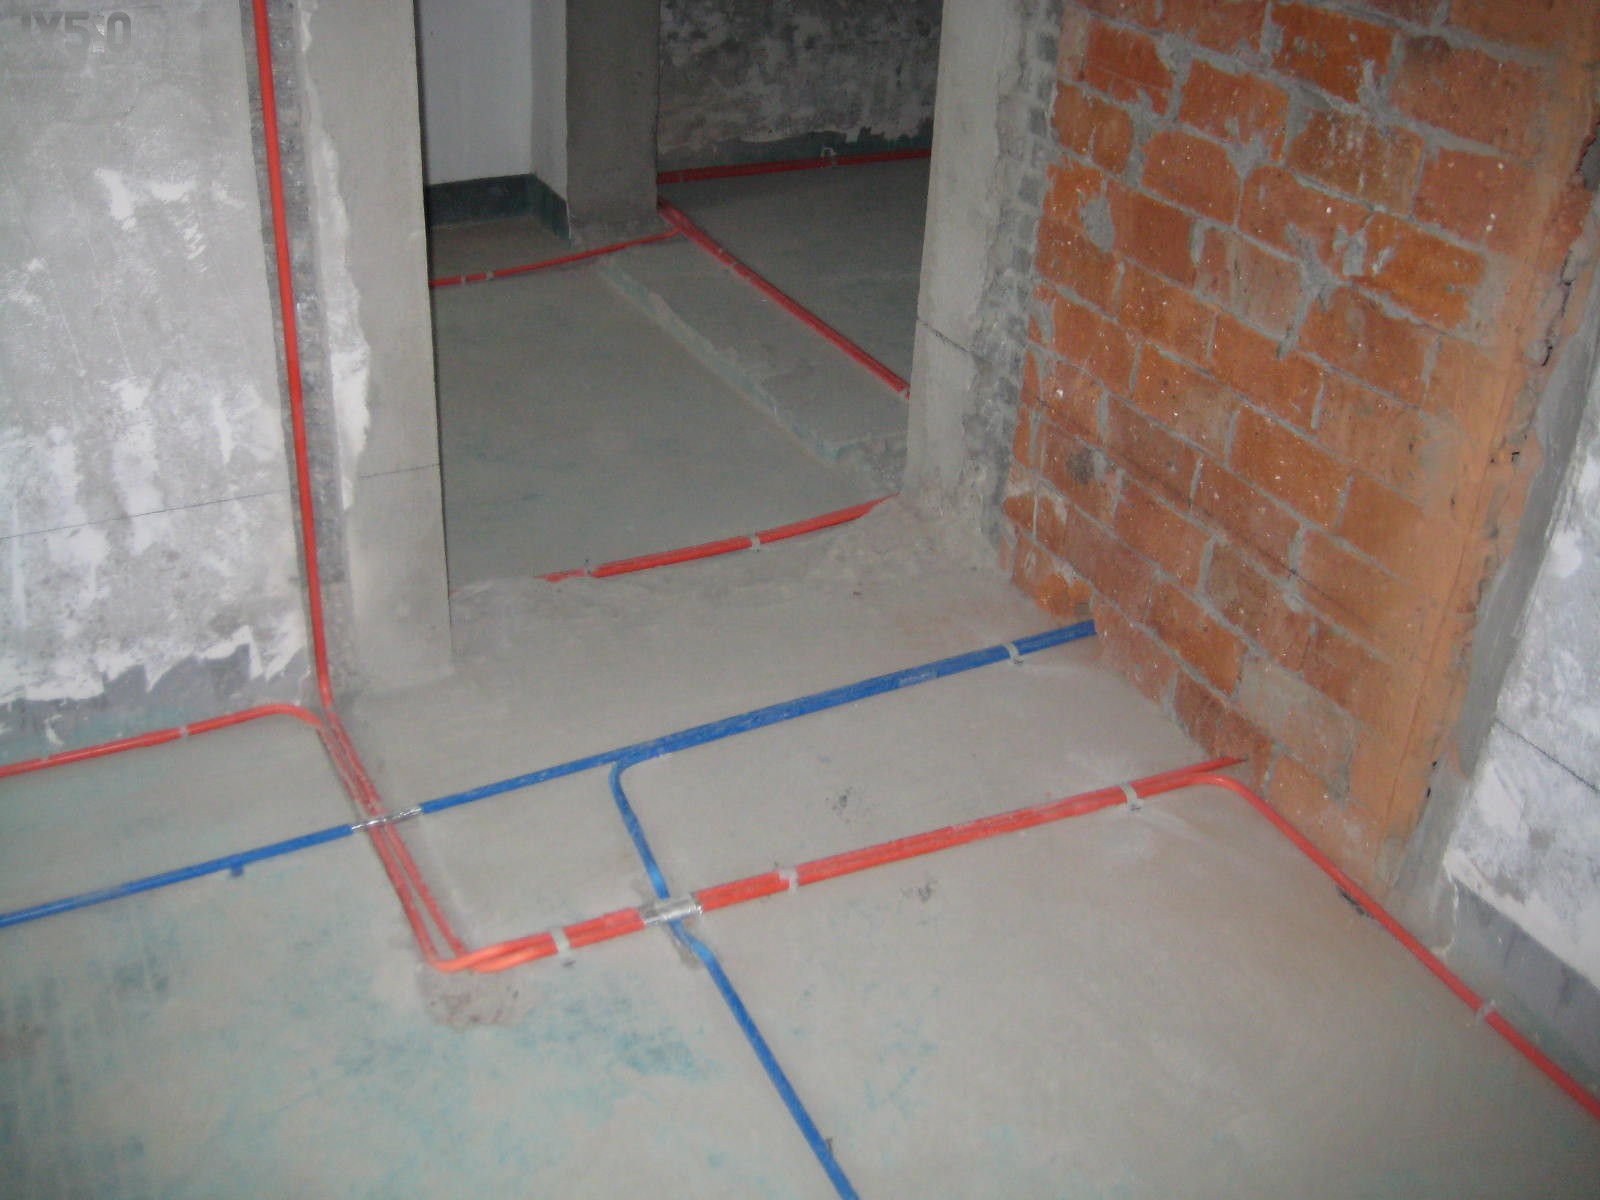 室内装修施工工艺流程,室内装修施工流程,室内装修施工流程图高清图片